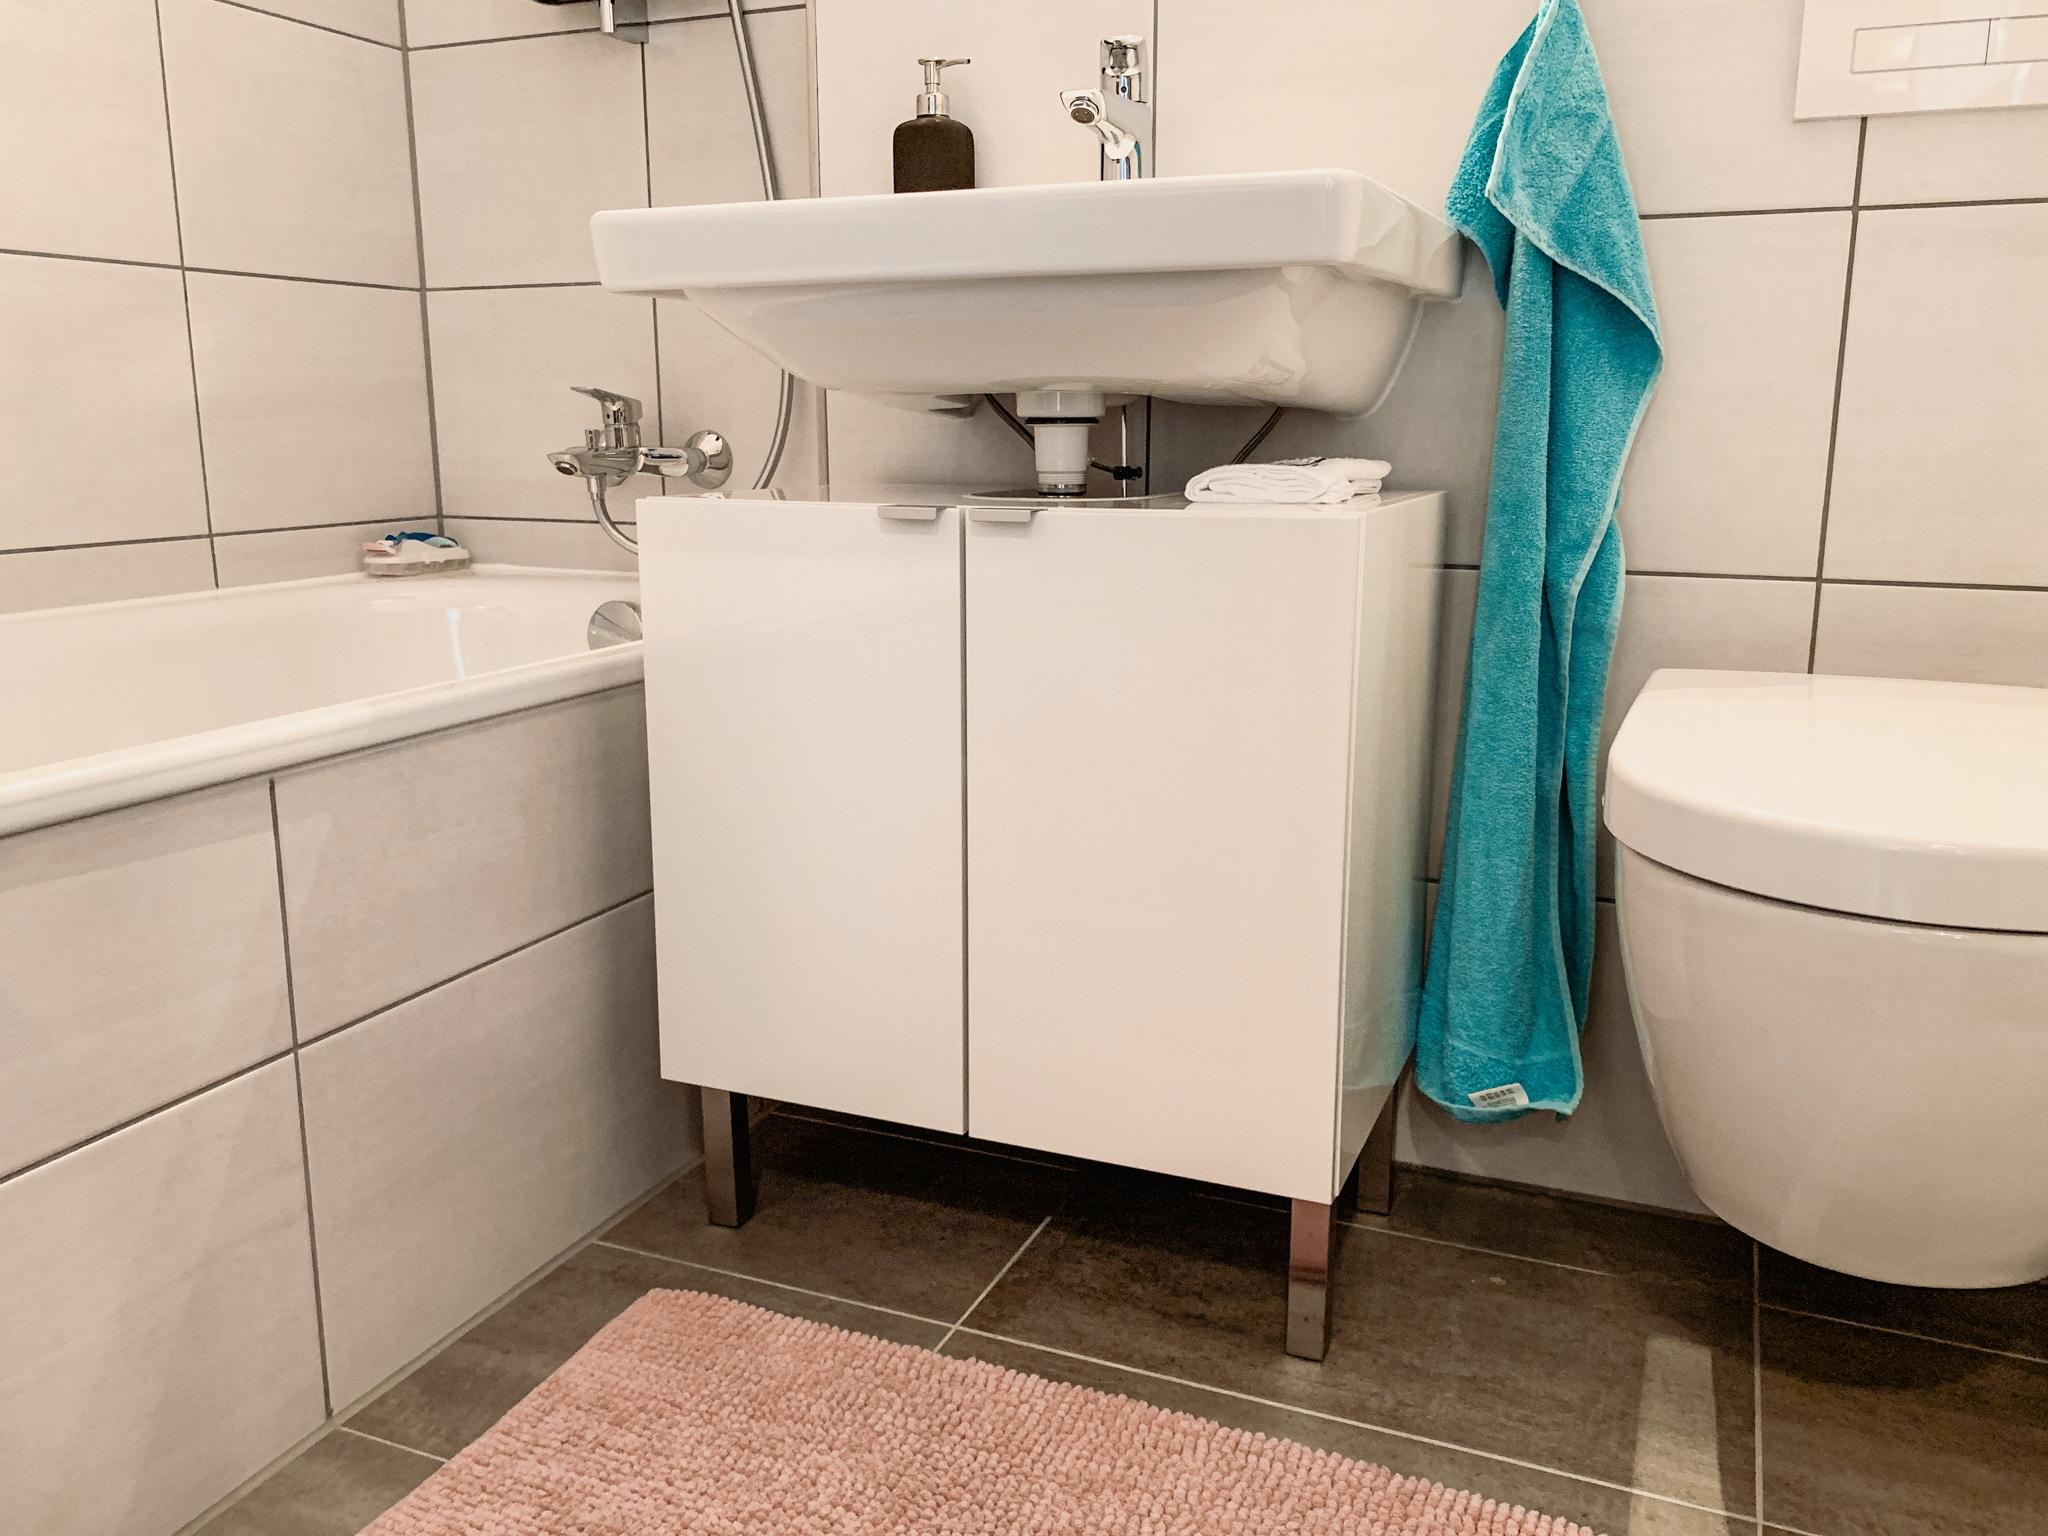 Wohnung kaufen in München: Erfahrungen mit dem ersten Immobilienkauf - Badezimmer